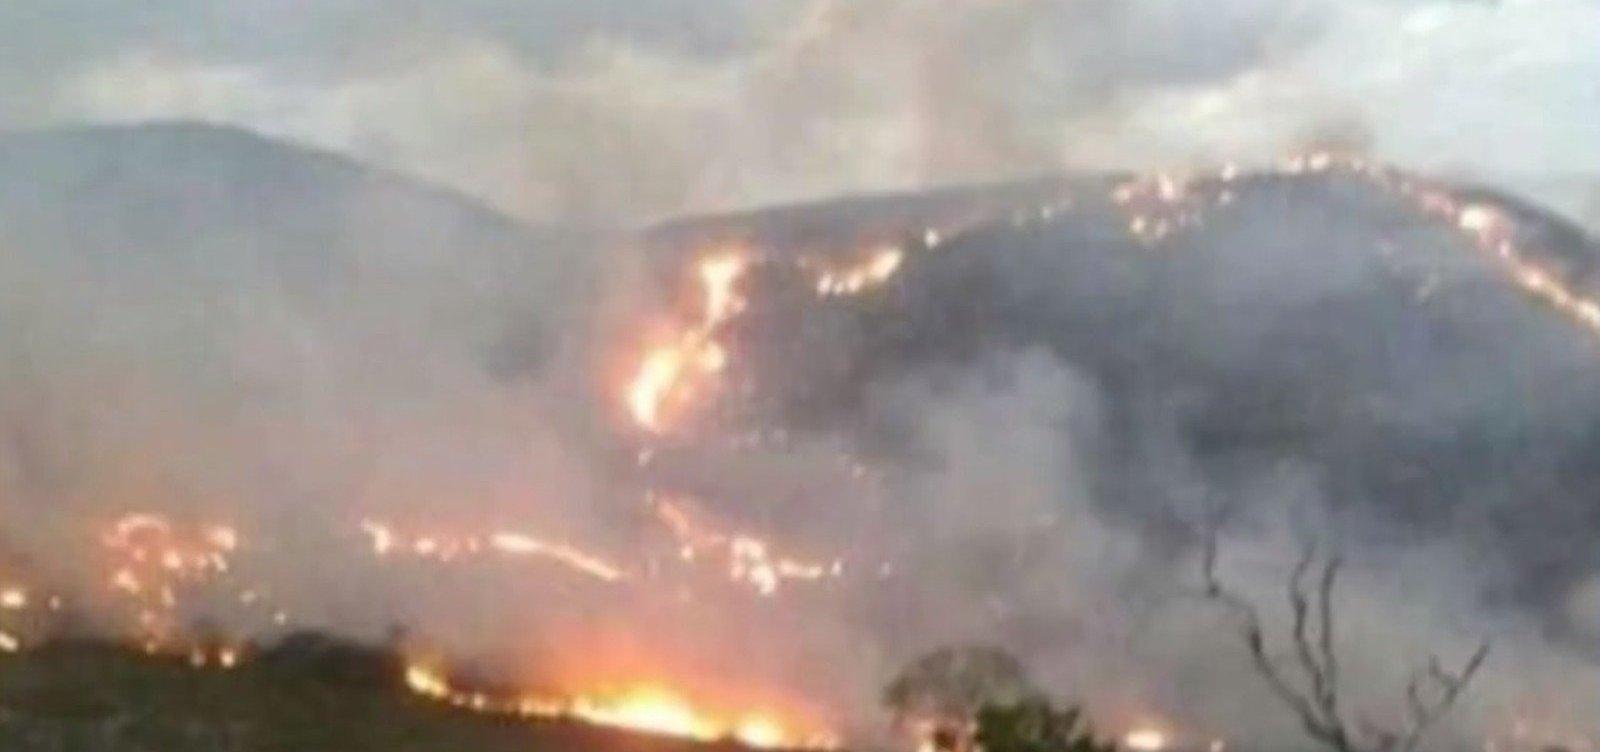 [Incêndio destrói área de540 hectares em Rio de Contas]